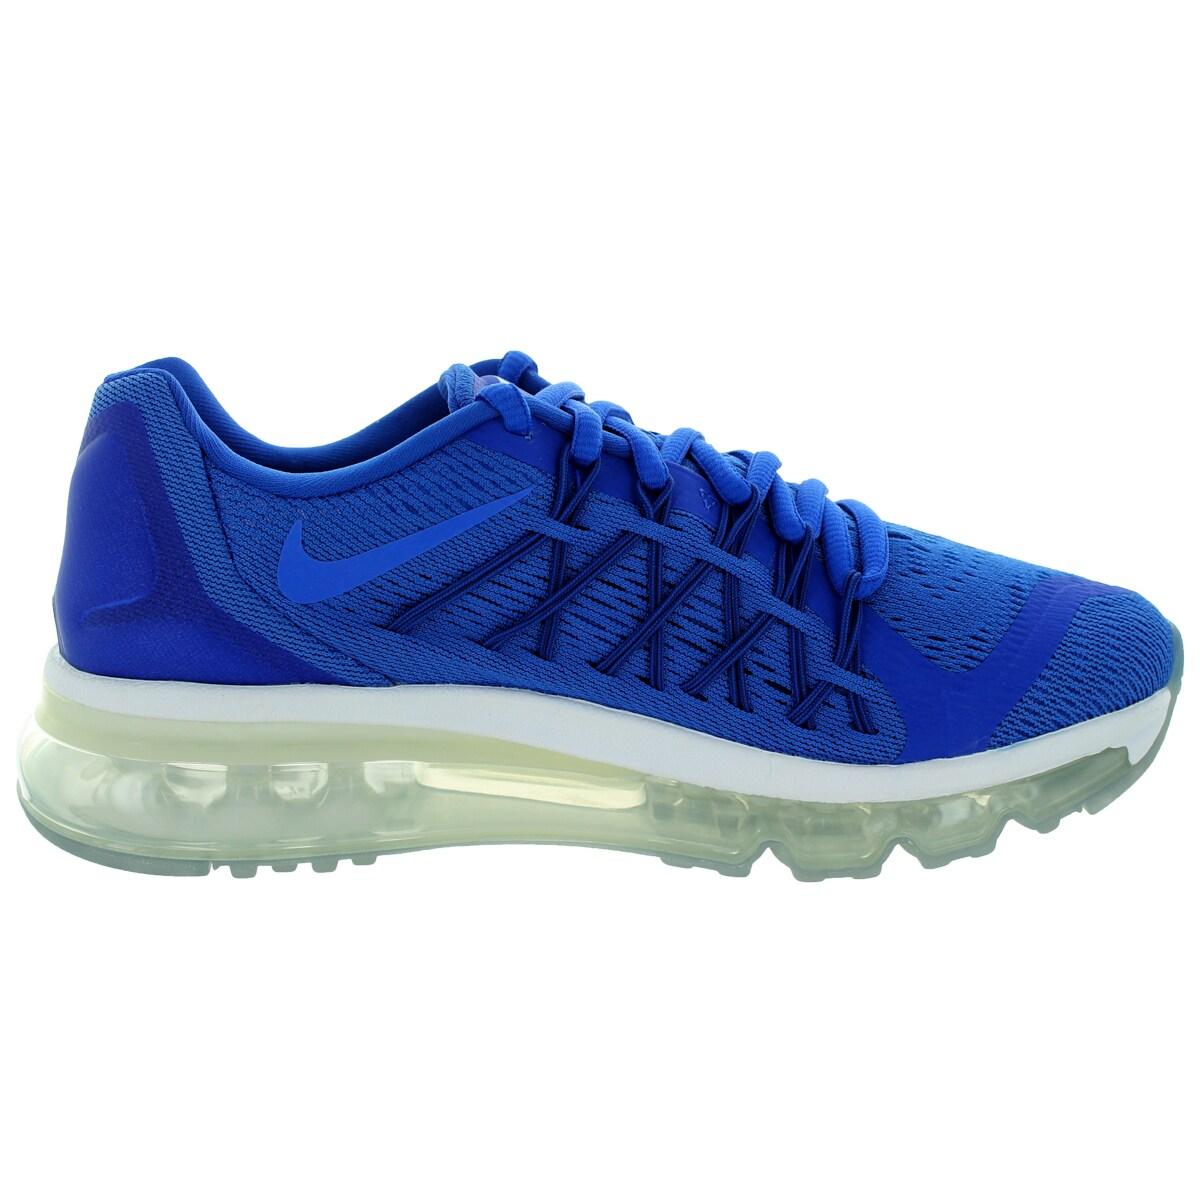 promo code 11151 92e03 ... cheap for discount 5b2bf fe968 Shop Nike Kids Air Max 2015 (Gs) Royal  BlueWhite